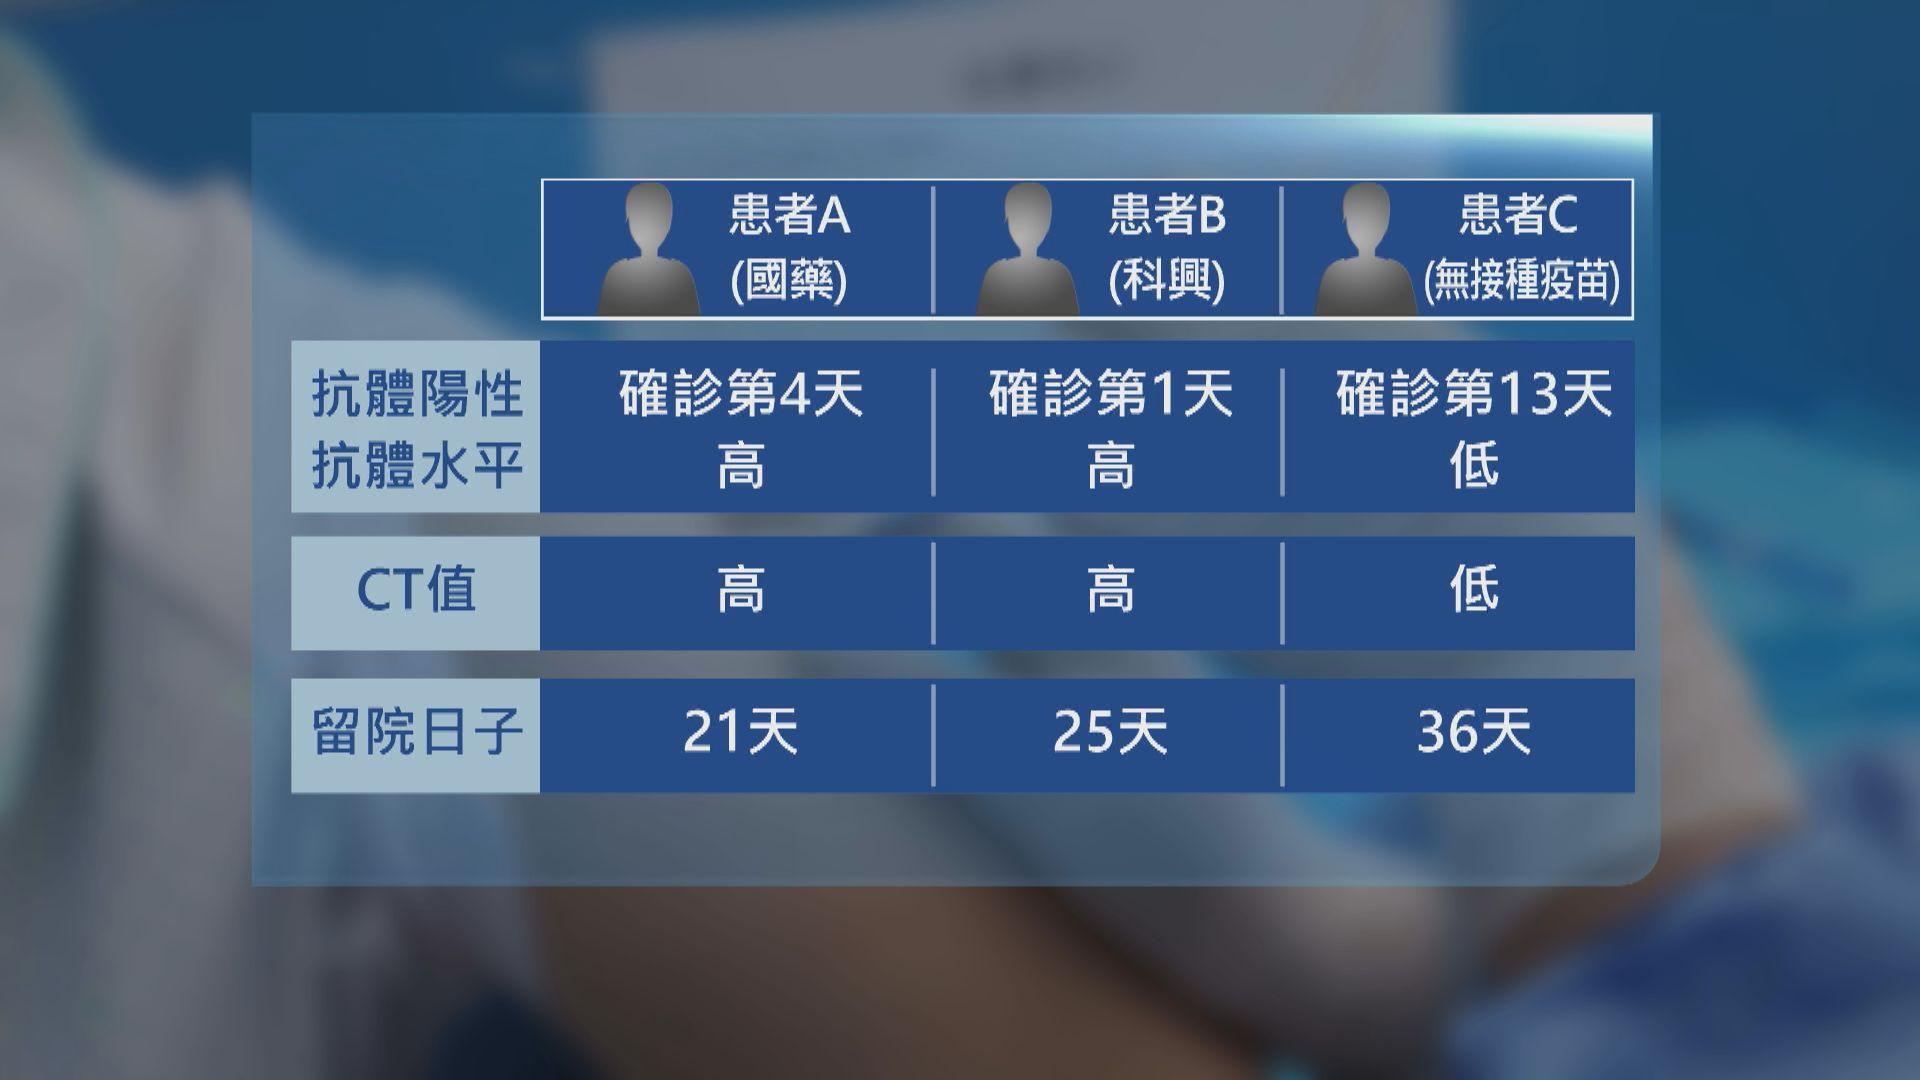 中國疾控中心:接種新冠疫苗抗體水平較高 住院時間少